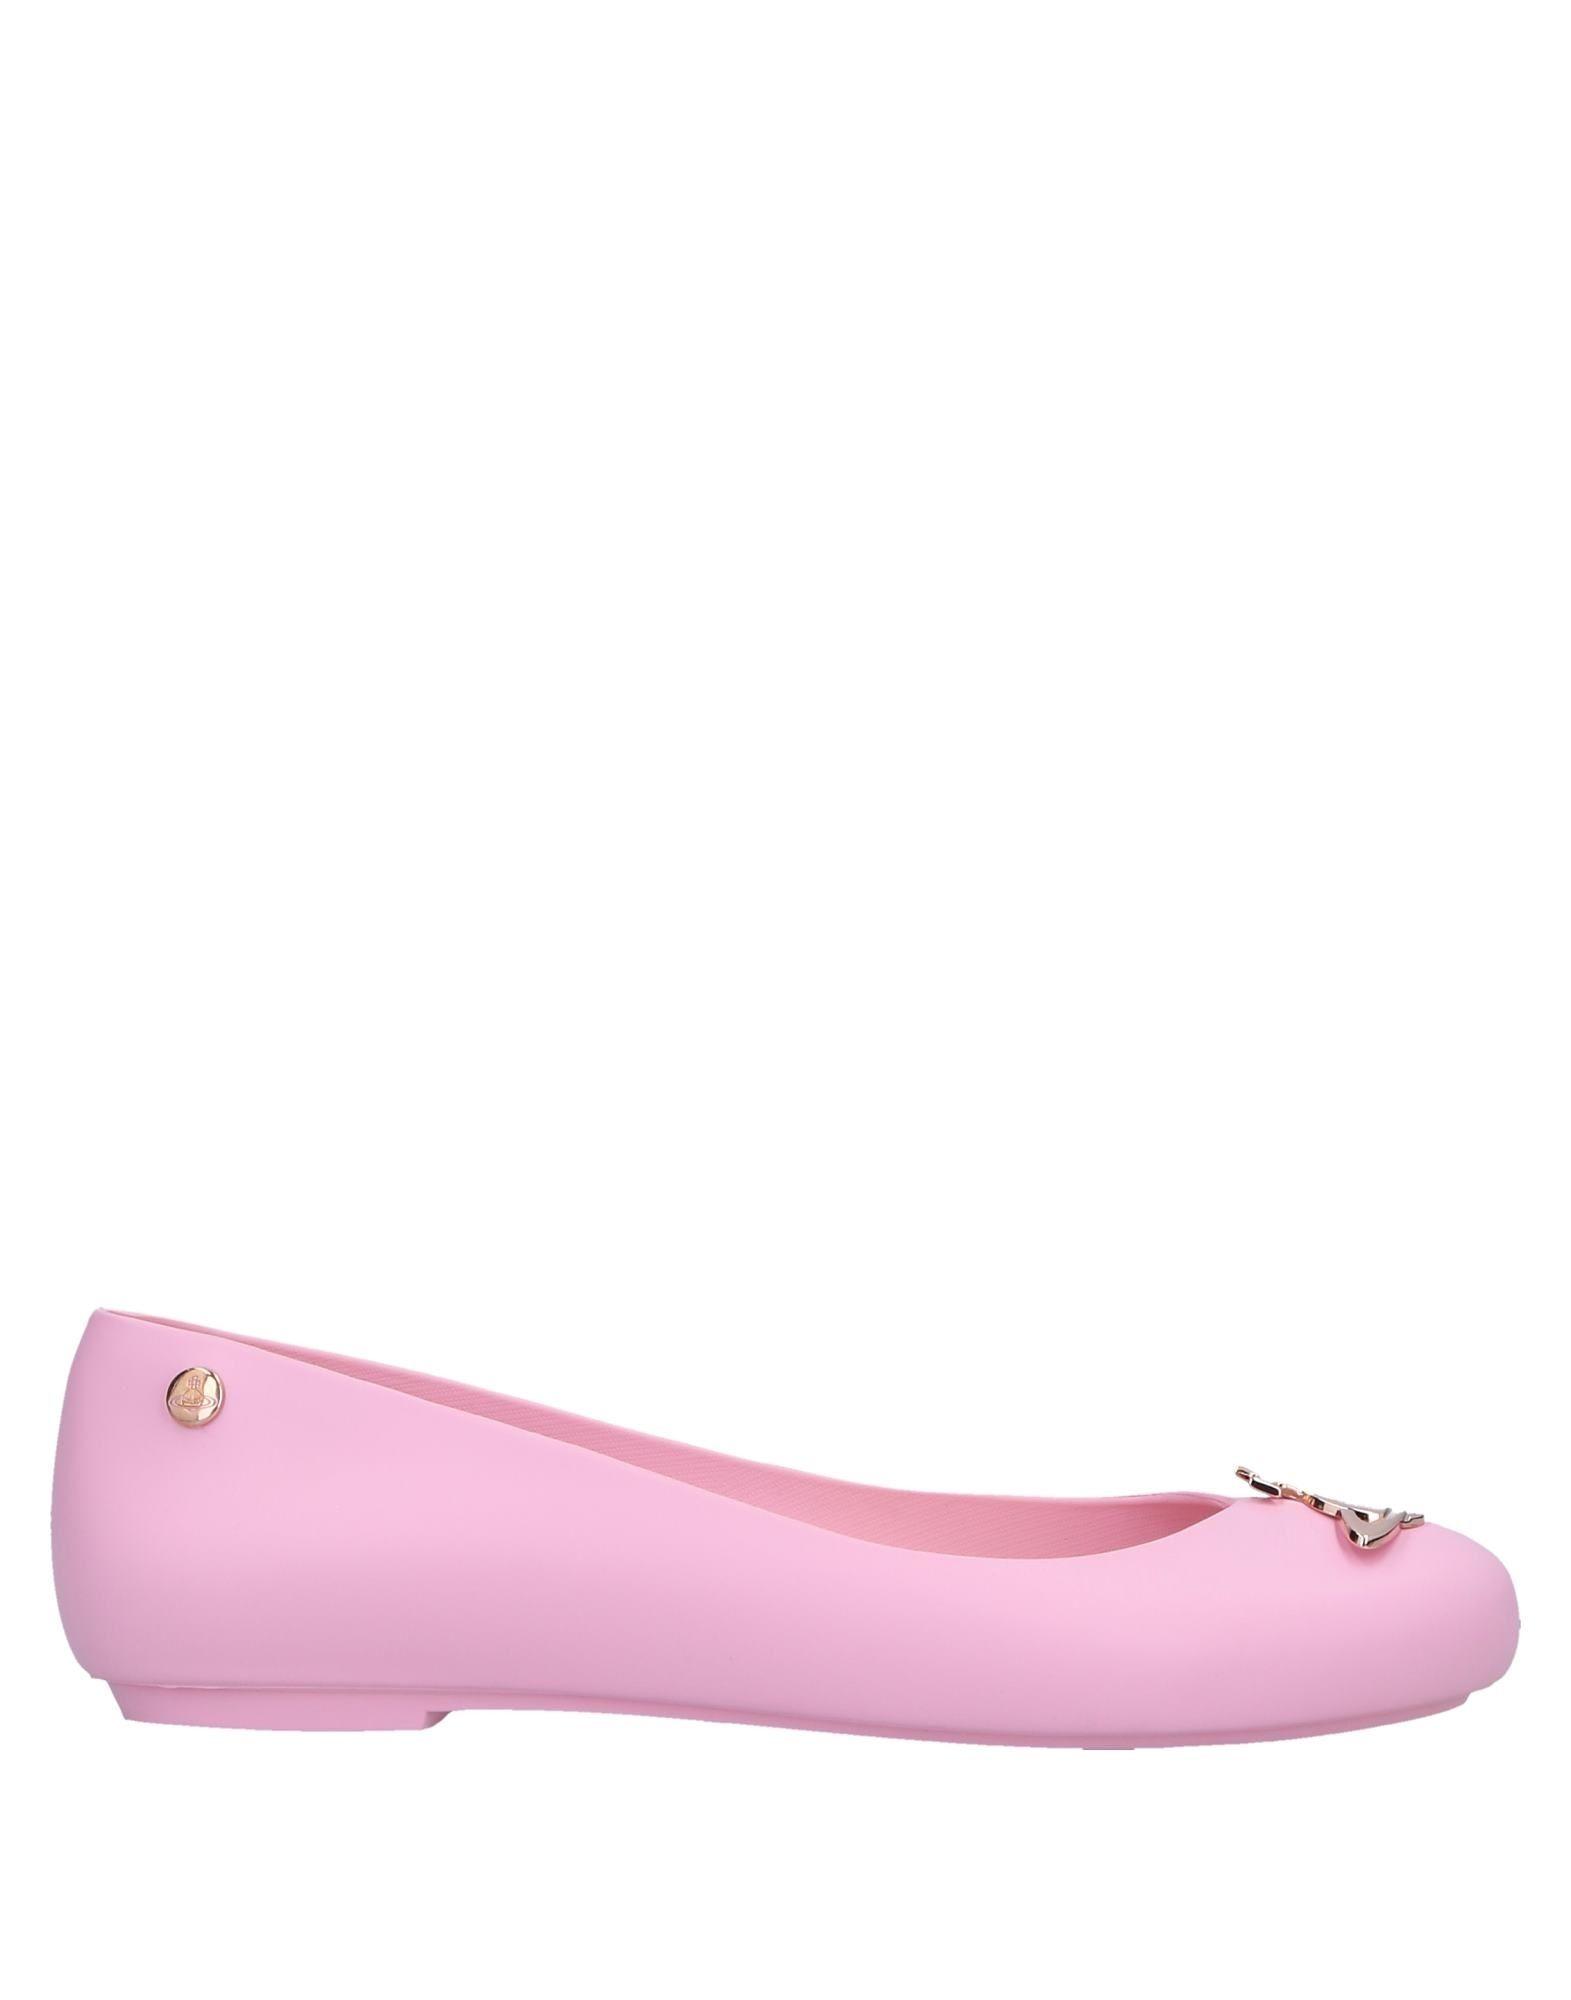 Vivienne Westwood Anglomania + Melissa Ballerinas Damen  11353377PT Gute Qualität beliebte Schuhe